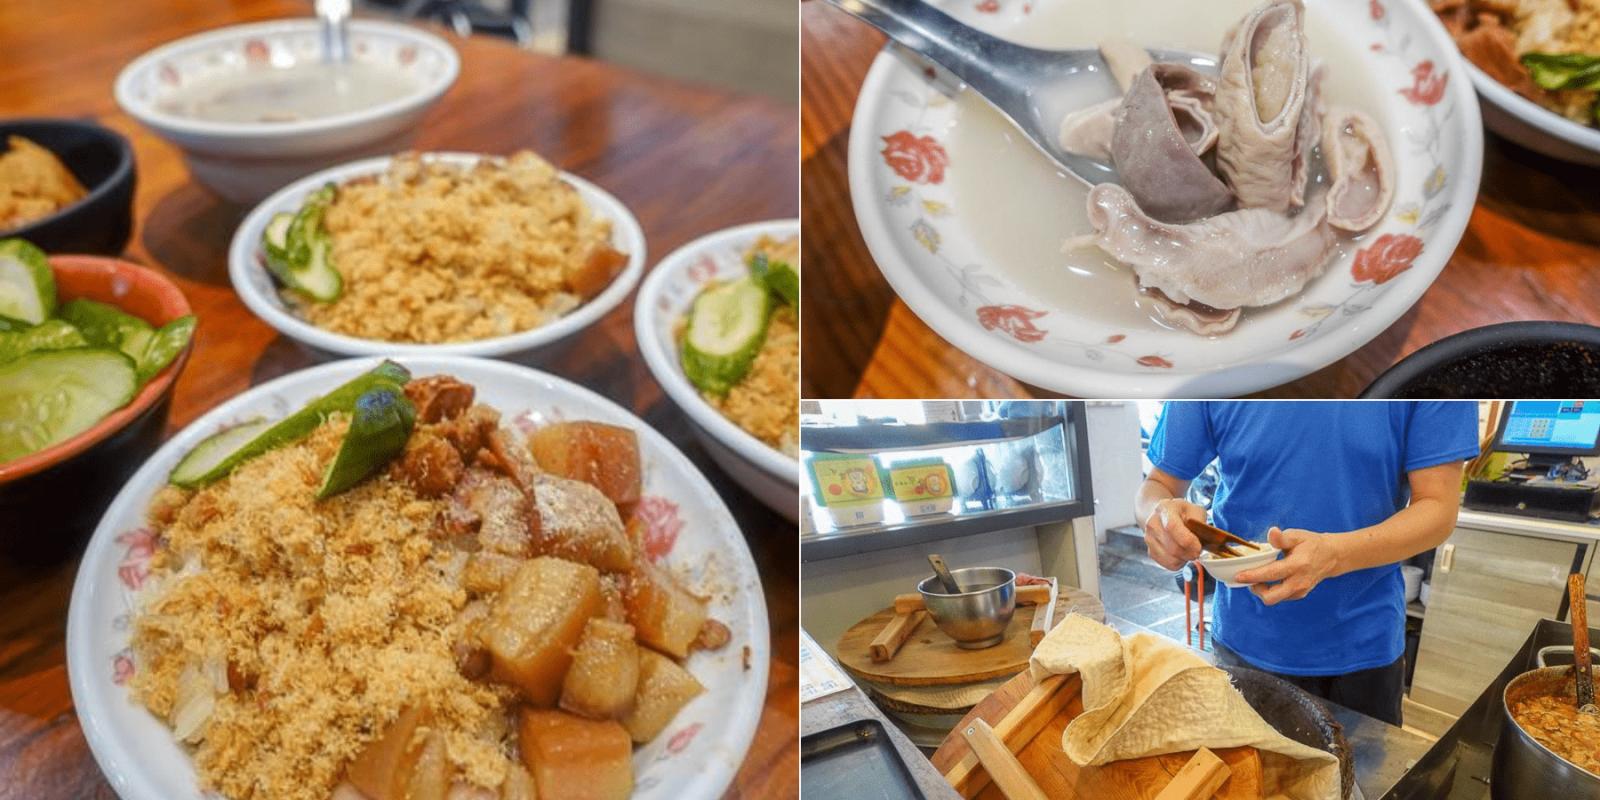 台南米糕老店 | 落成米糕,中西區民族路必吃美食,大推米糕、四神湯,還有秒殺魯魚丸!